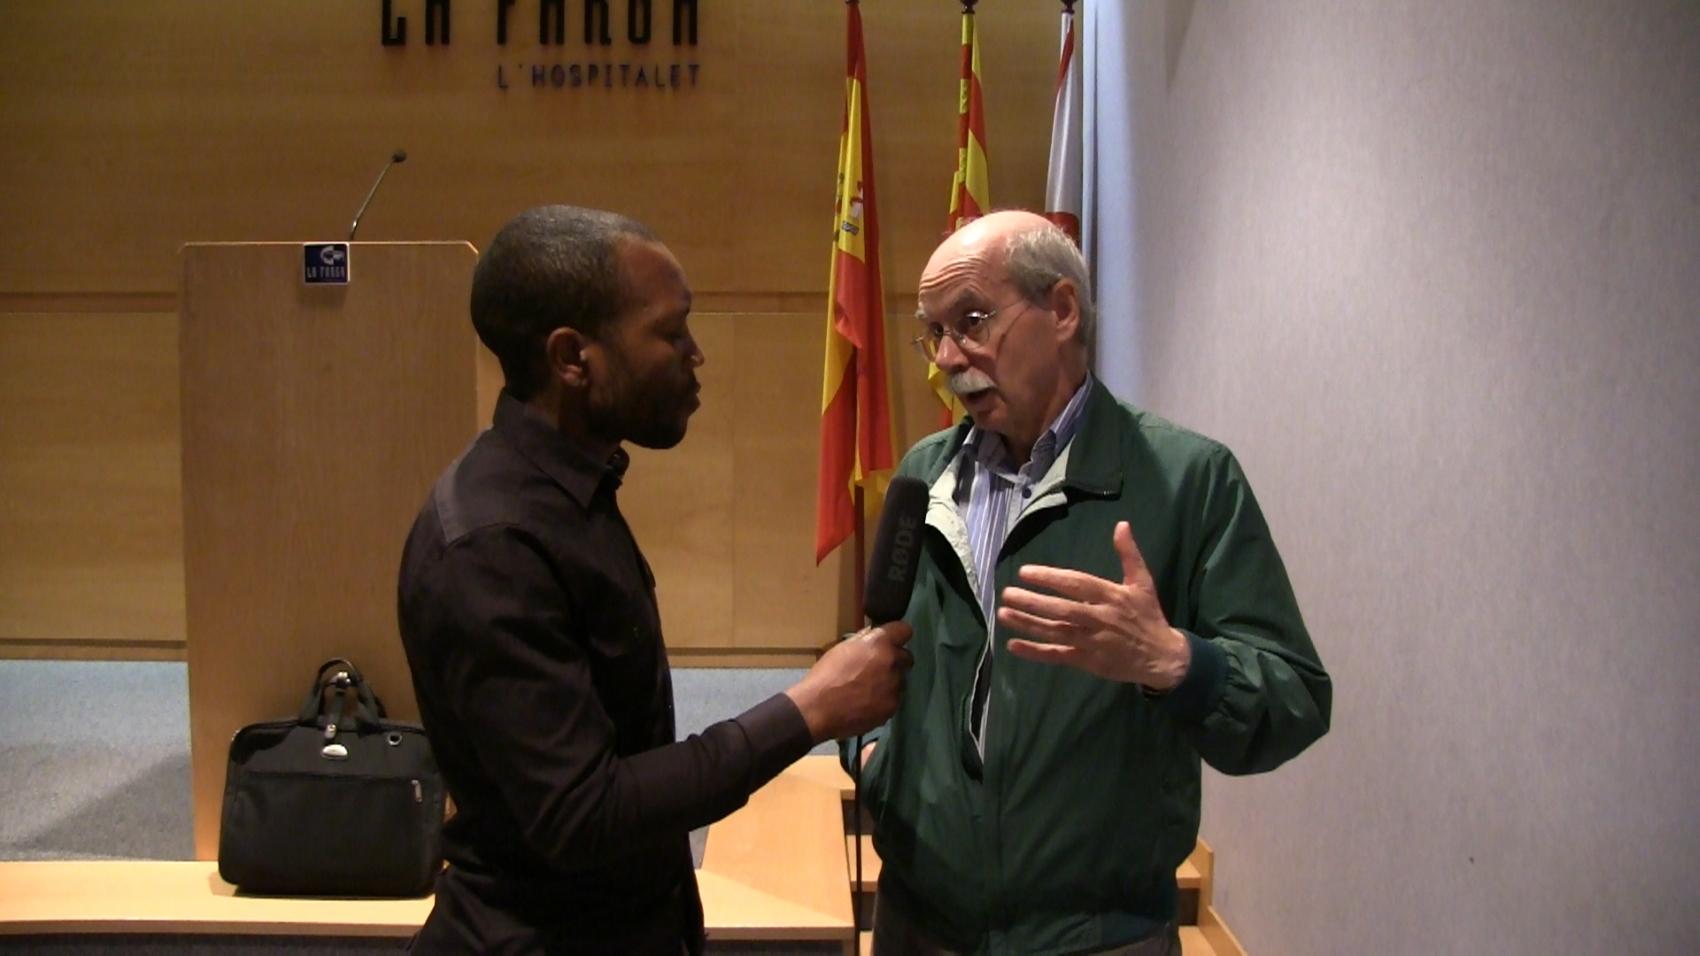 Pío Moa durante la entrevista en la sala de actos del Centro Comercial *La Farga* de Hospitalet en Barcelona. [foto - joseph , las voces del pueblo]